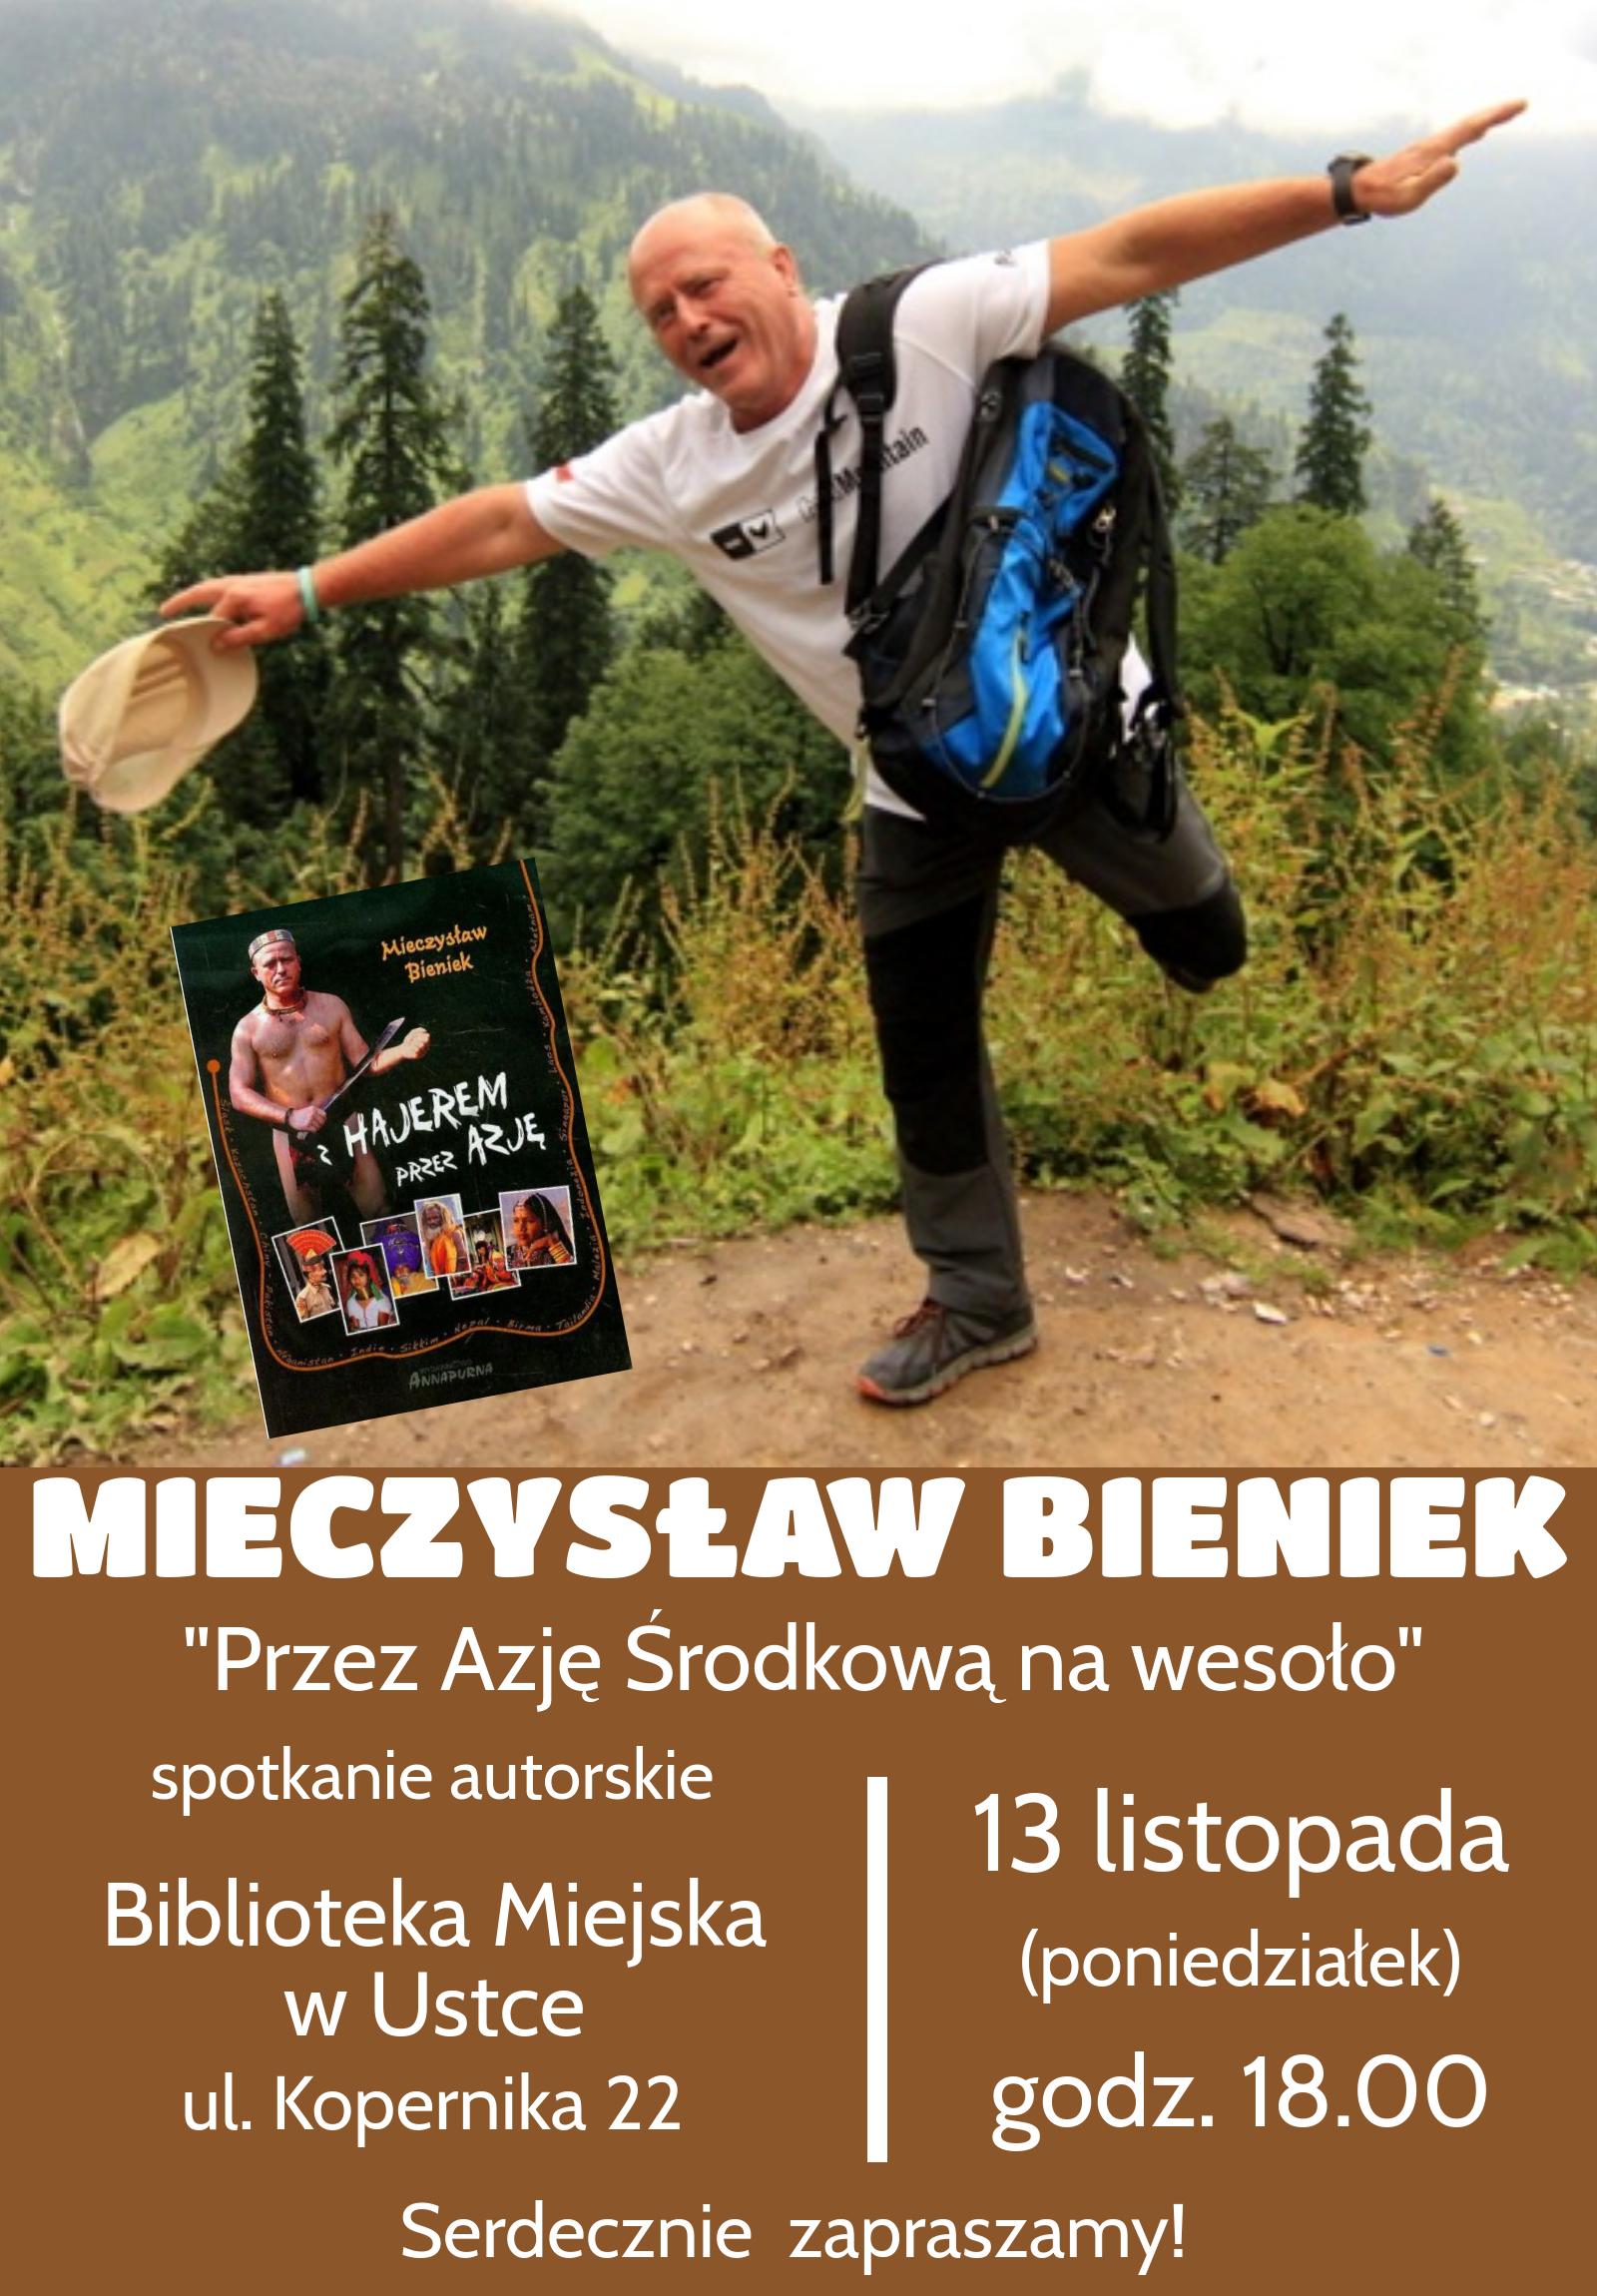 Mieczysław Bieniek - spotkanie autorskie